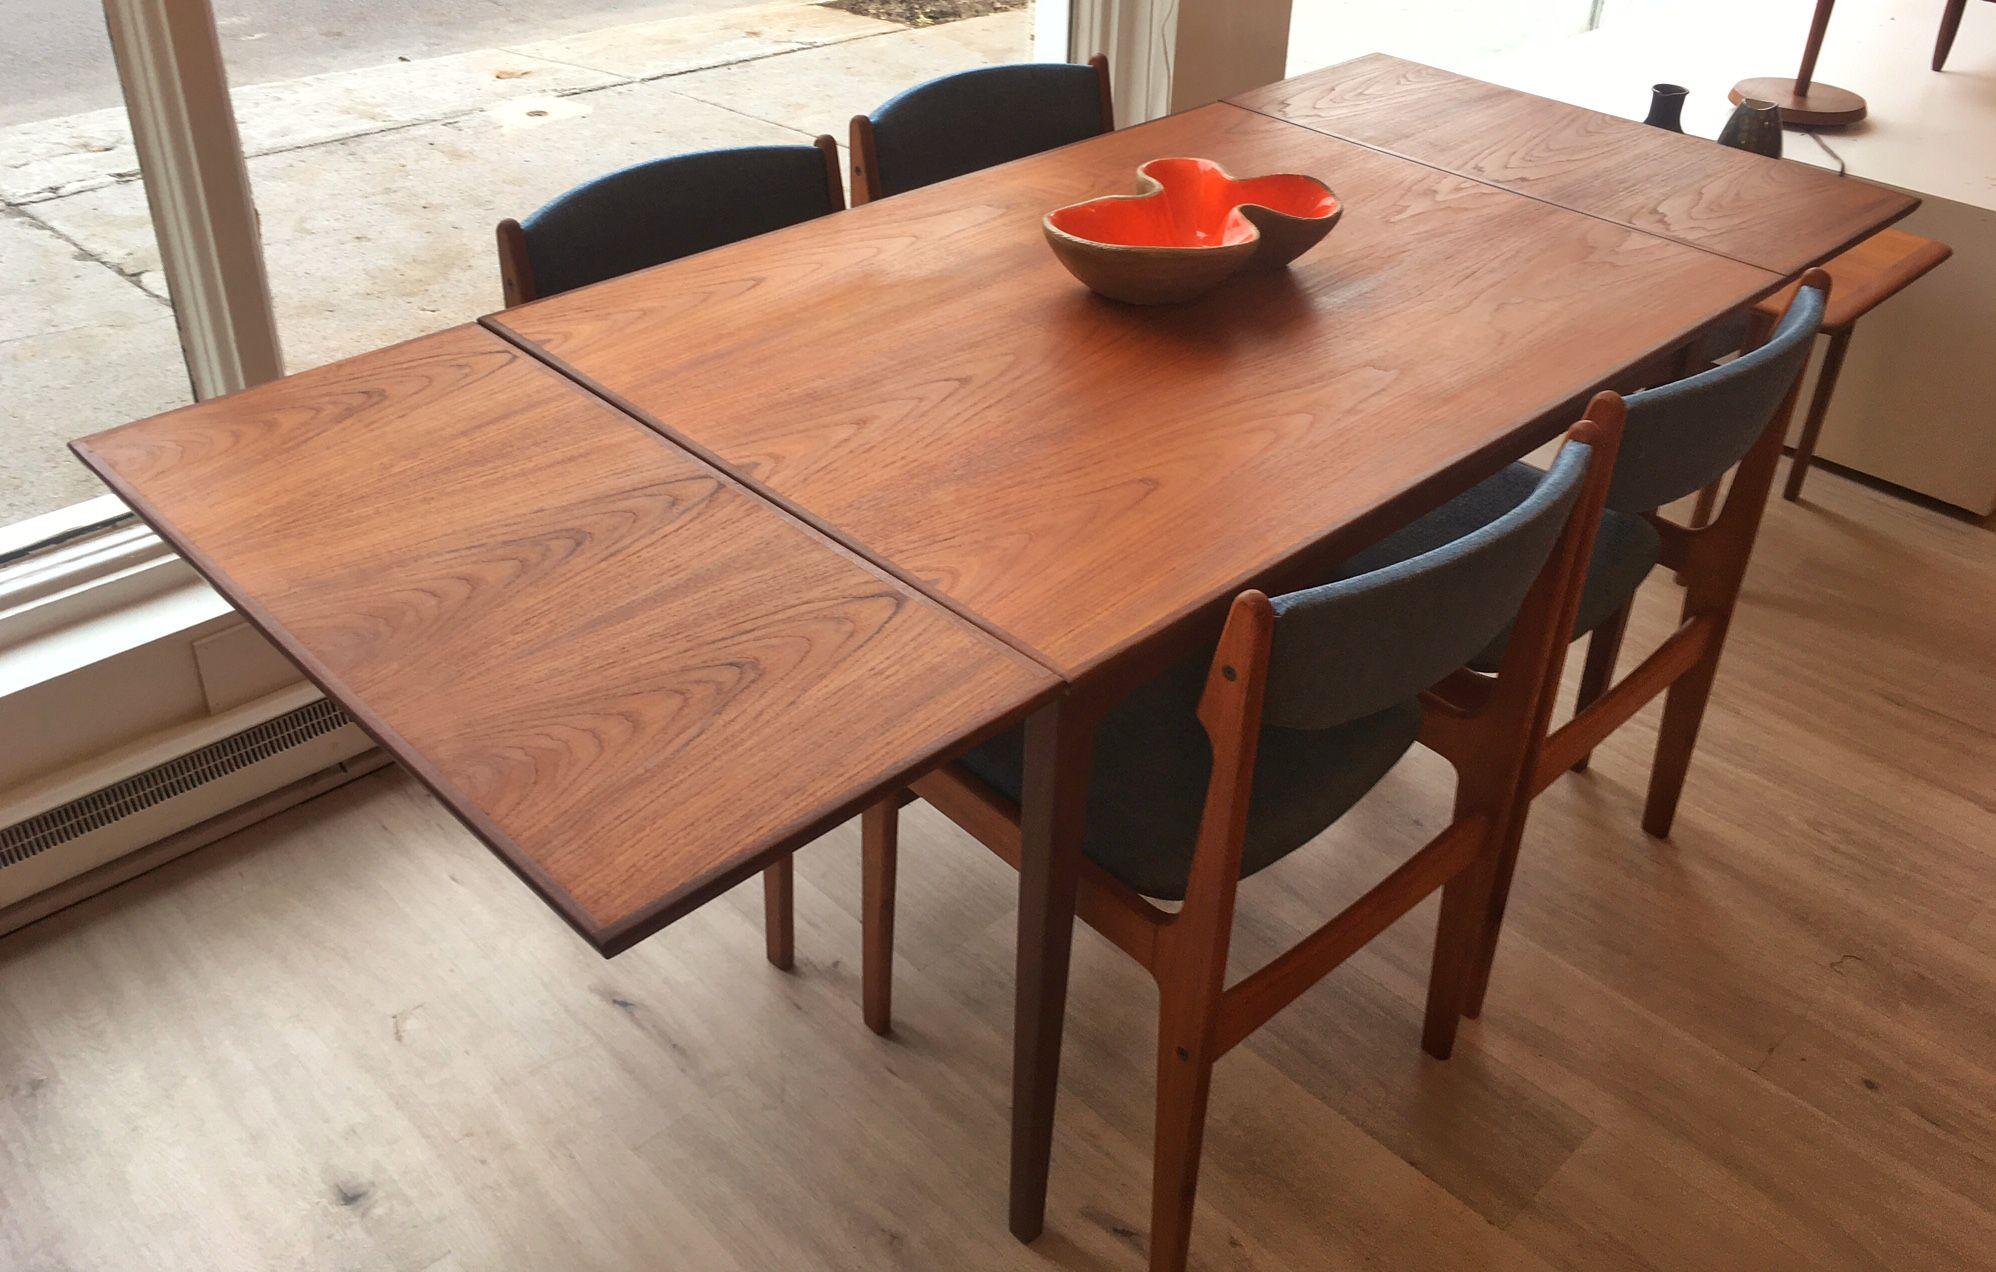 Table Papillon En Teck Rs Furniture Fabrique Au Canada Restaure 875 34 X 48 X 29 H Rallonges 16 Dining Table Table Home Decor